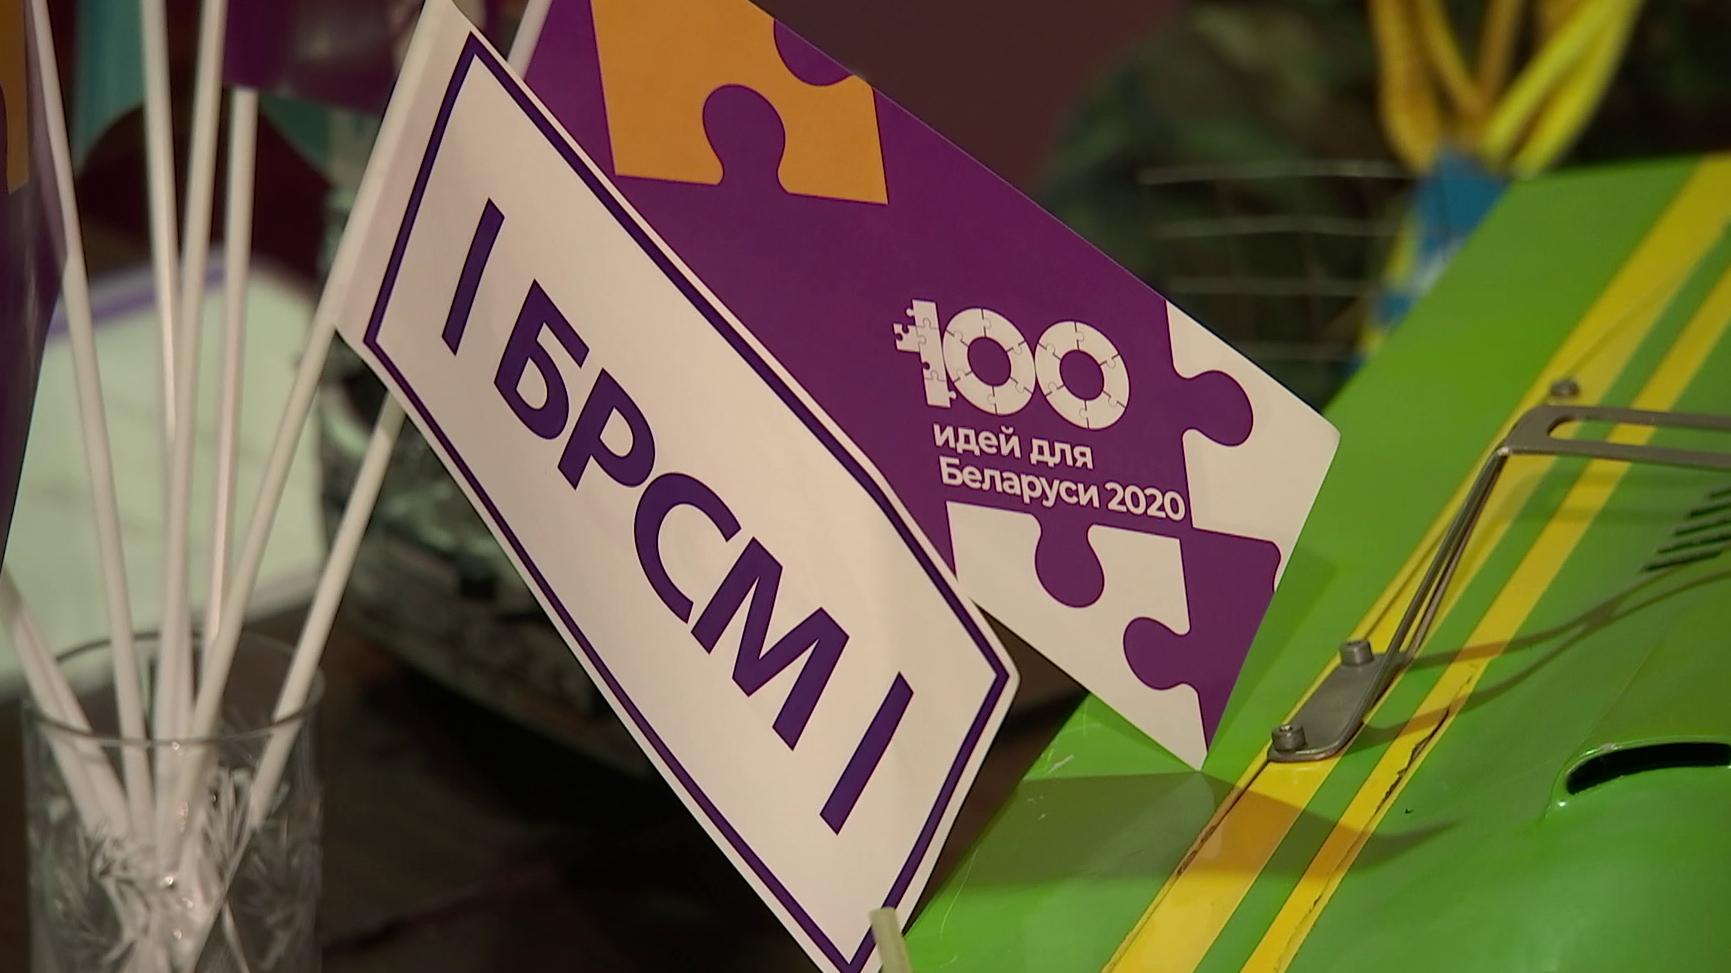 100 idej - В Орше прошёл областной этап проекта «100 идей для Беларуси» (видео)